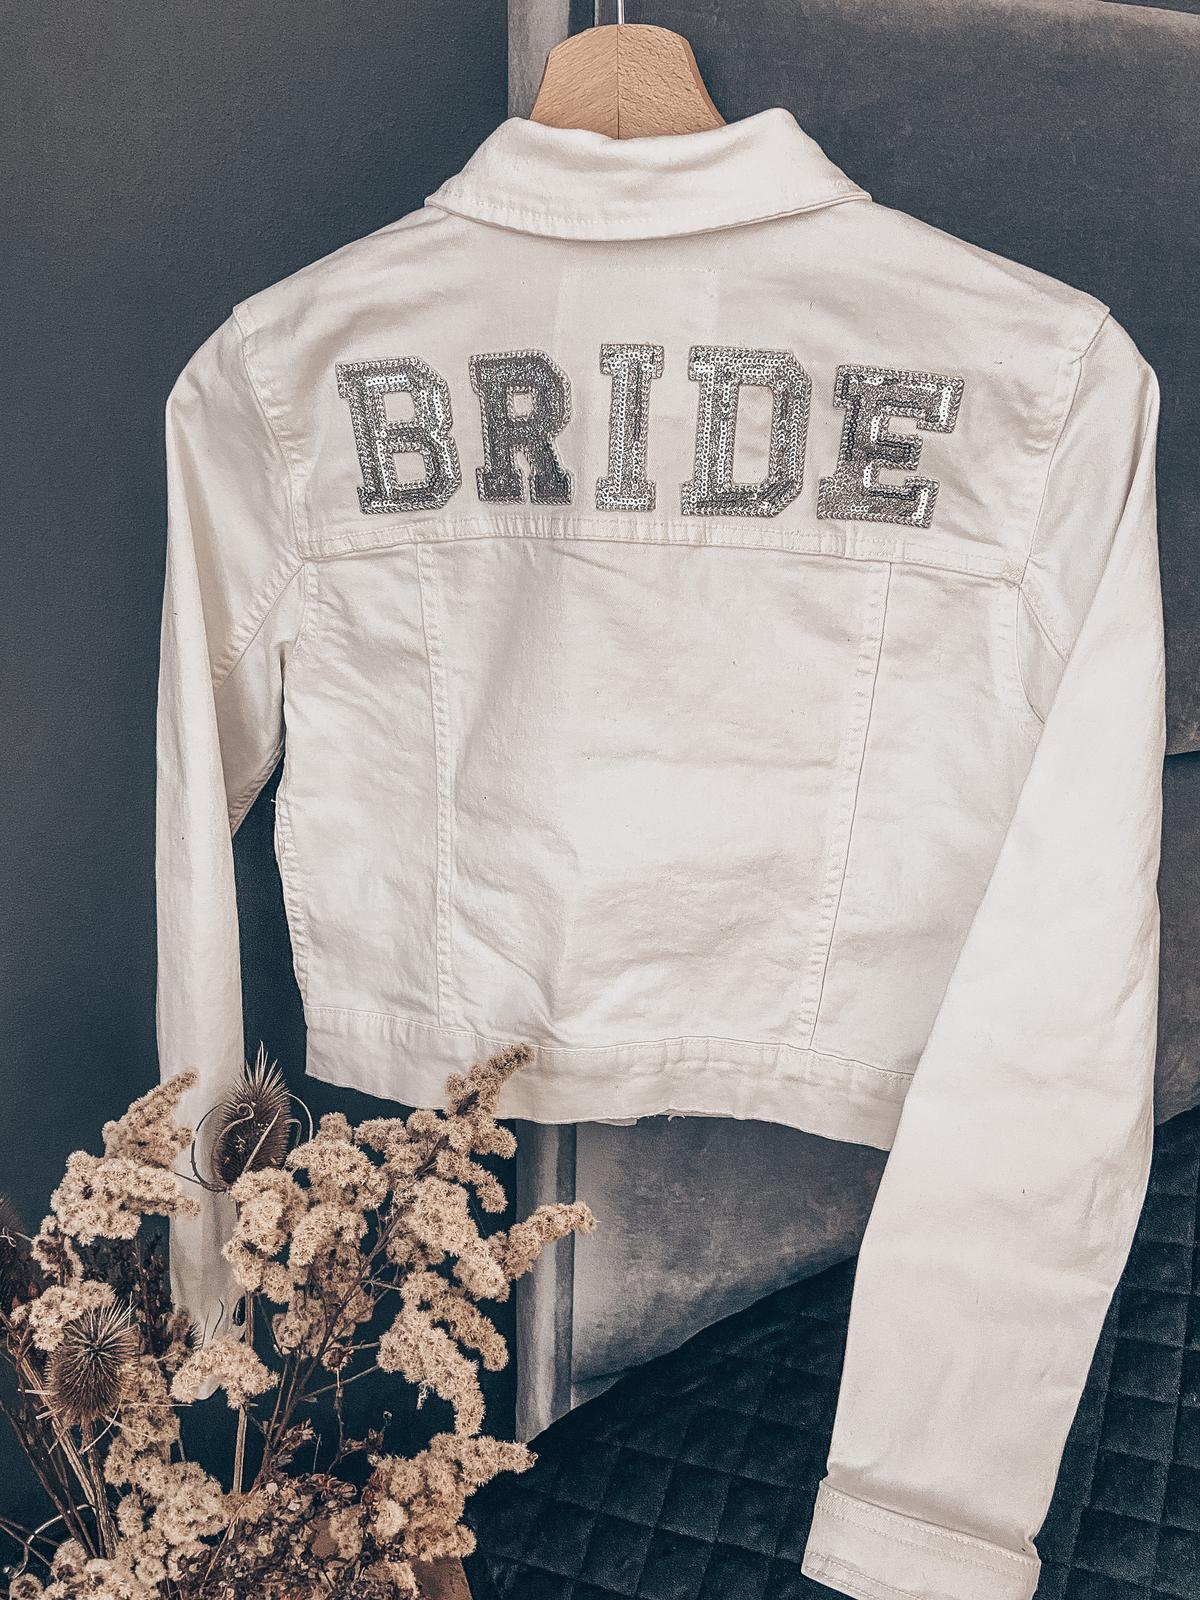 Svadobna riflova bunda Bride - Obrázok č. 1